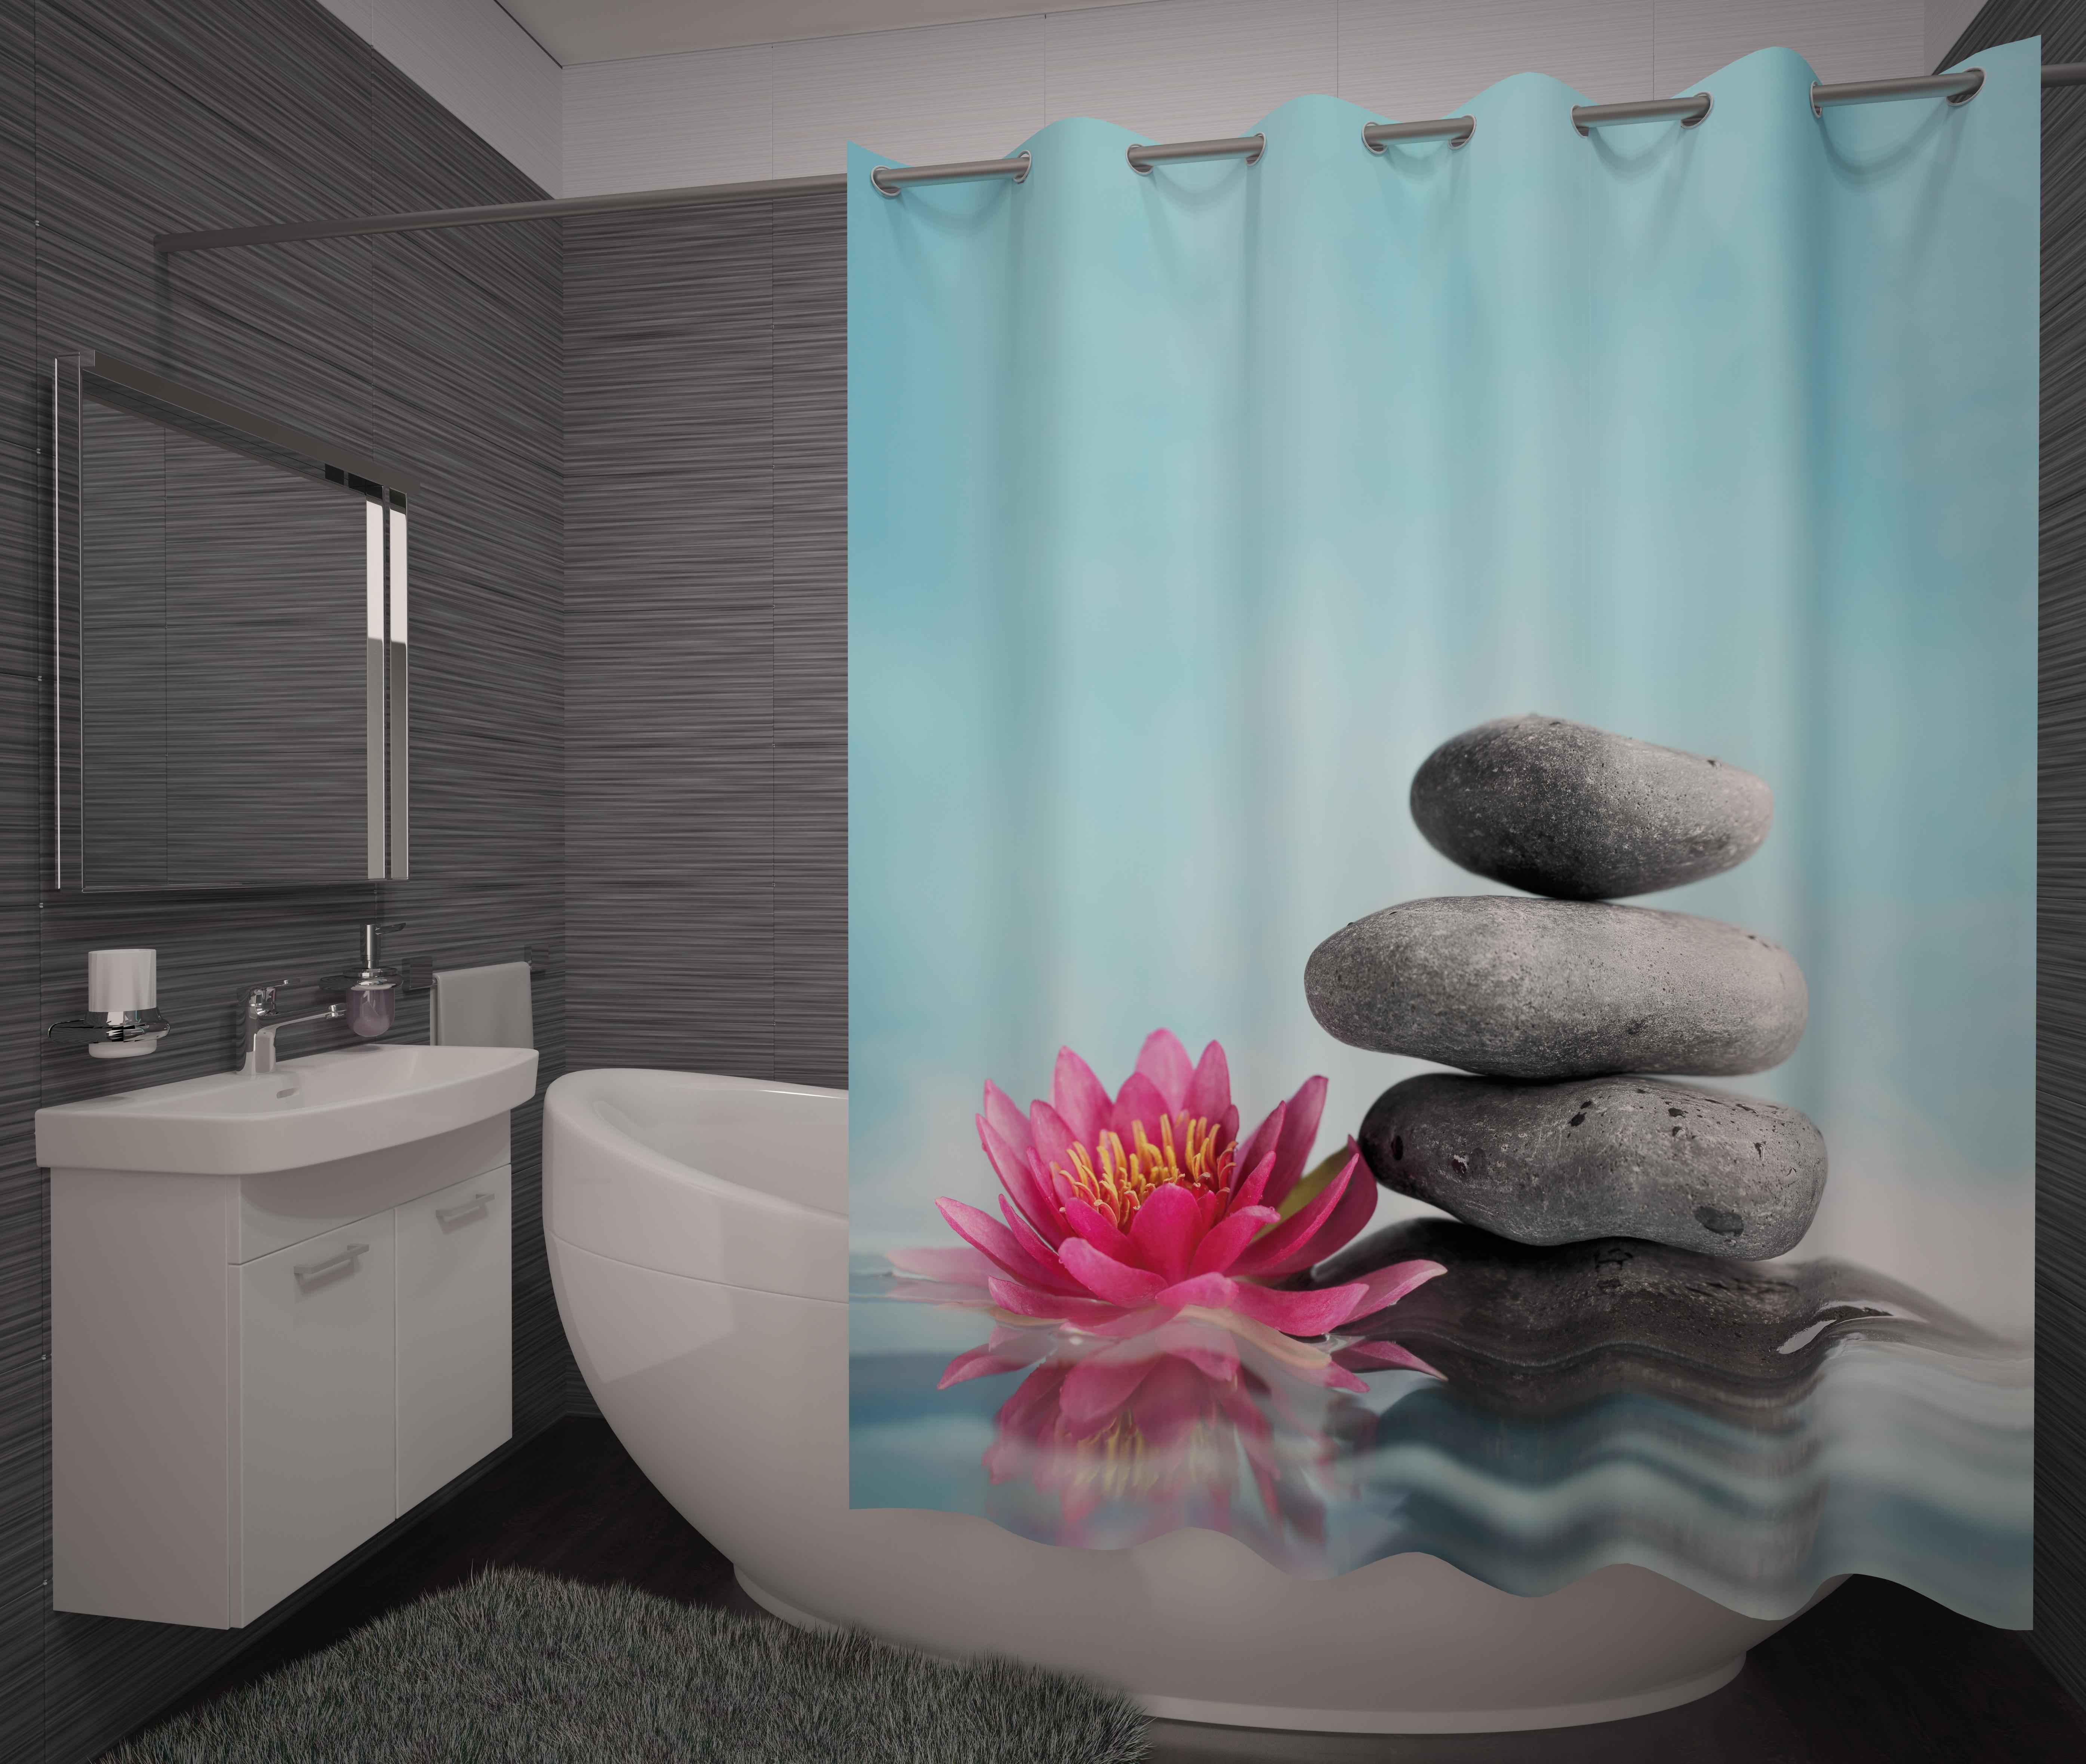 Шторы и карнизы для ванной Fototende Фотошторы для ванной Le шторы fototende фотошторы таинственный лебедь